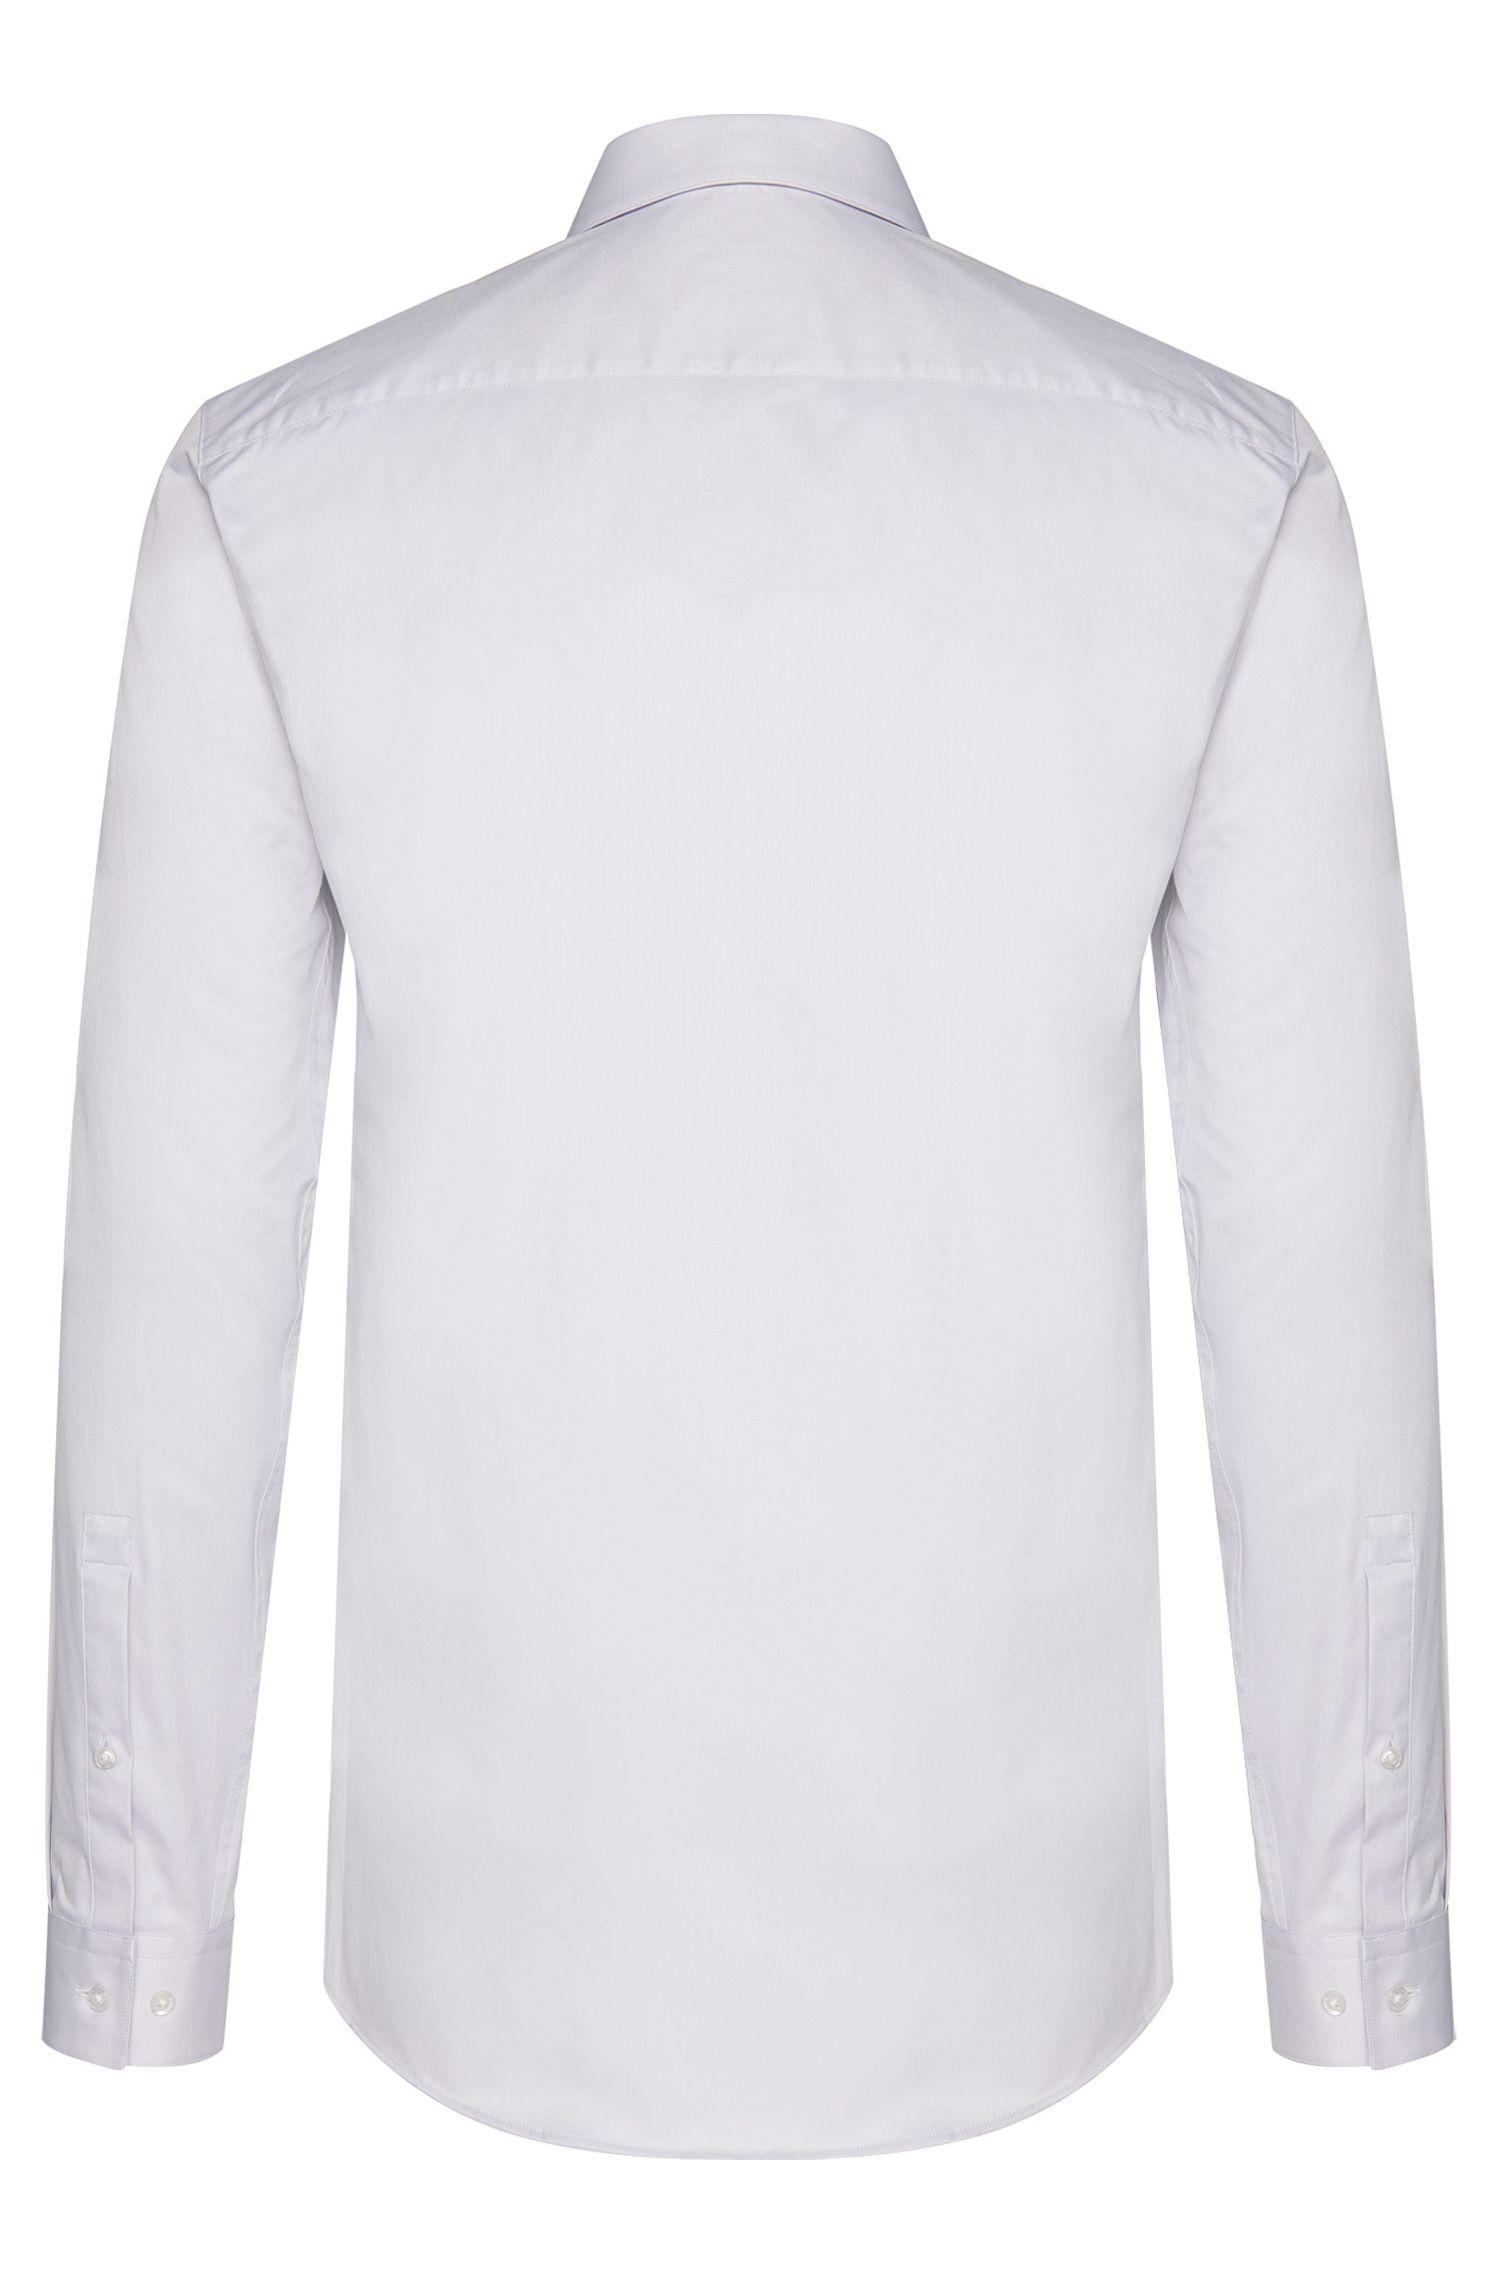 Unifarbenes Slim-Fit Hemd aus Baumwolle: 'Erondo'